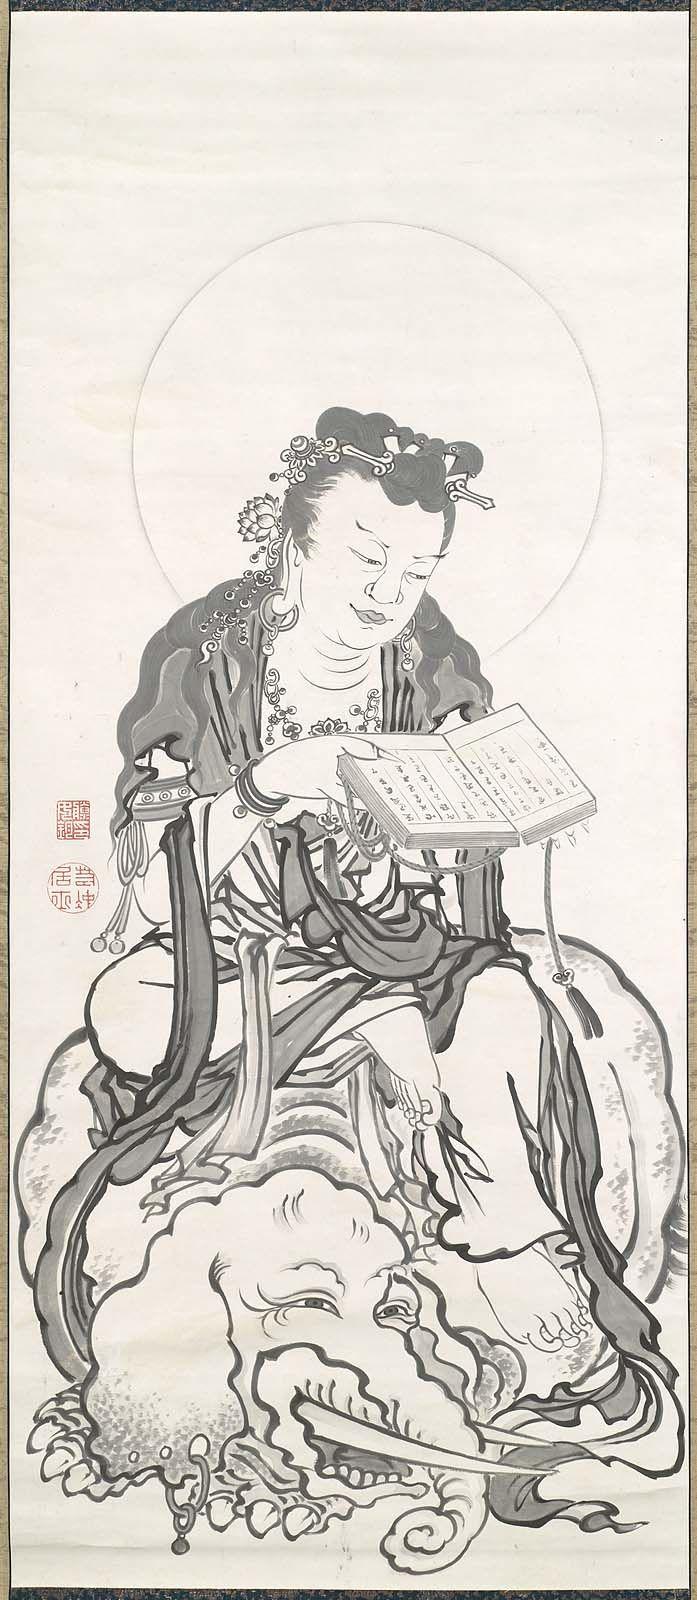 Fugen. Ito Jakuchu. 18th century. Japan. MFA. Boston.